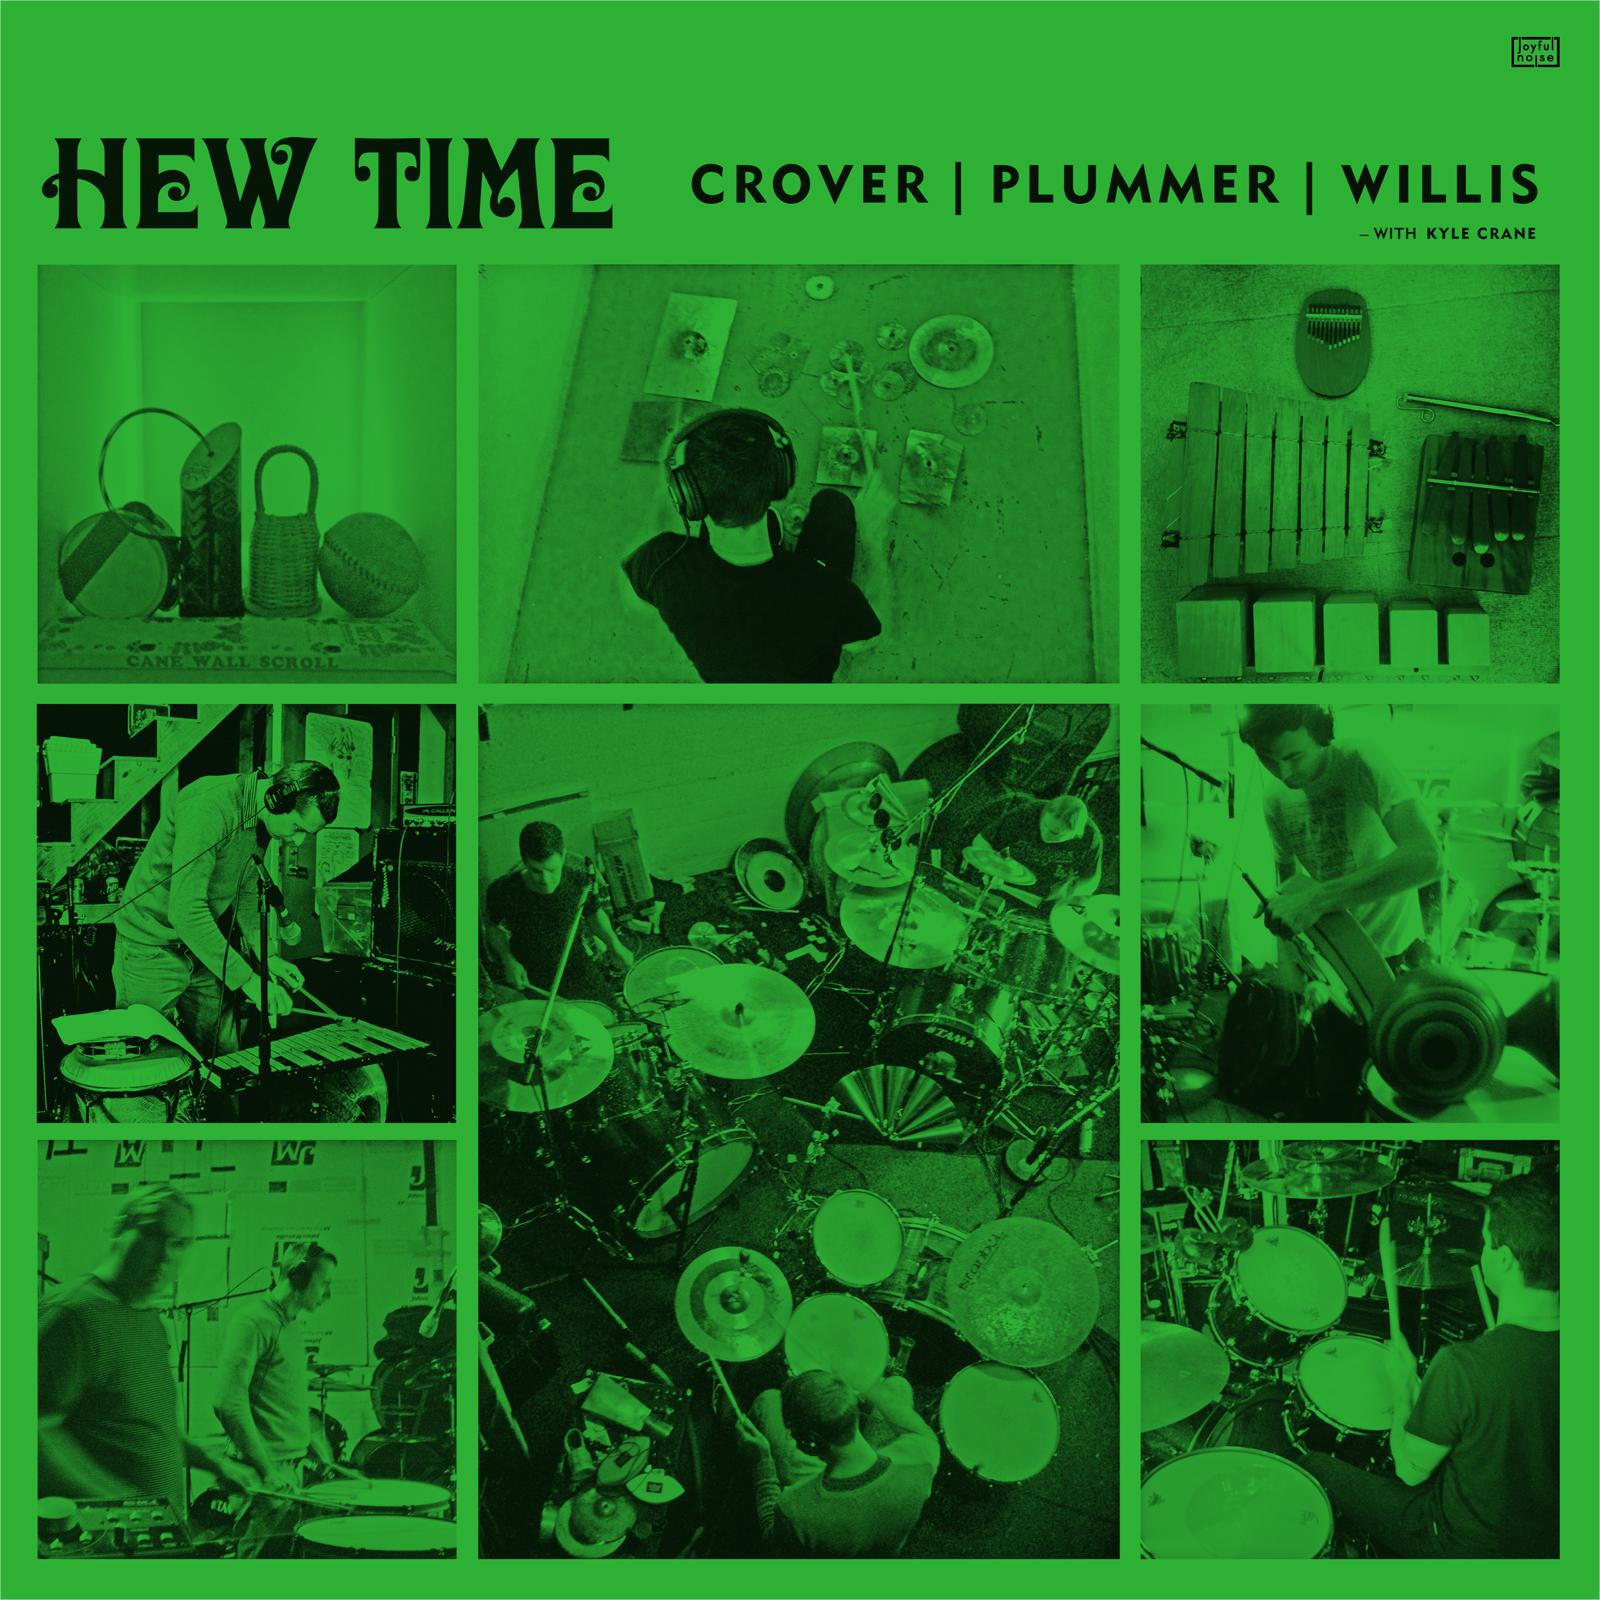 Hew Time (Dale Crover, Joe Plummer, Coady Willis), Hew Time, Joyful Noise Recordings.jpg